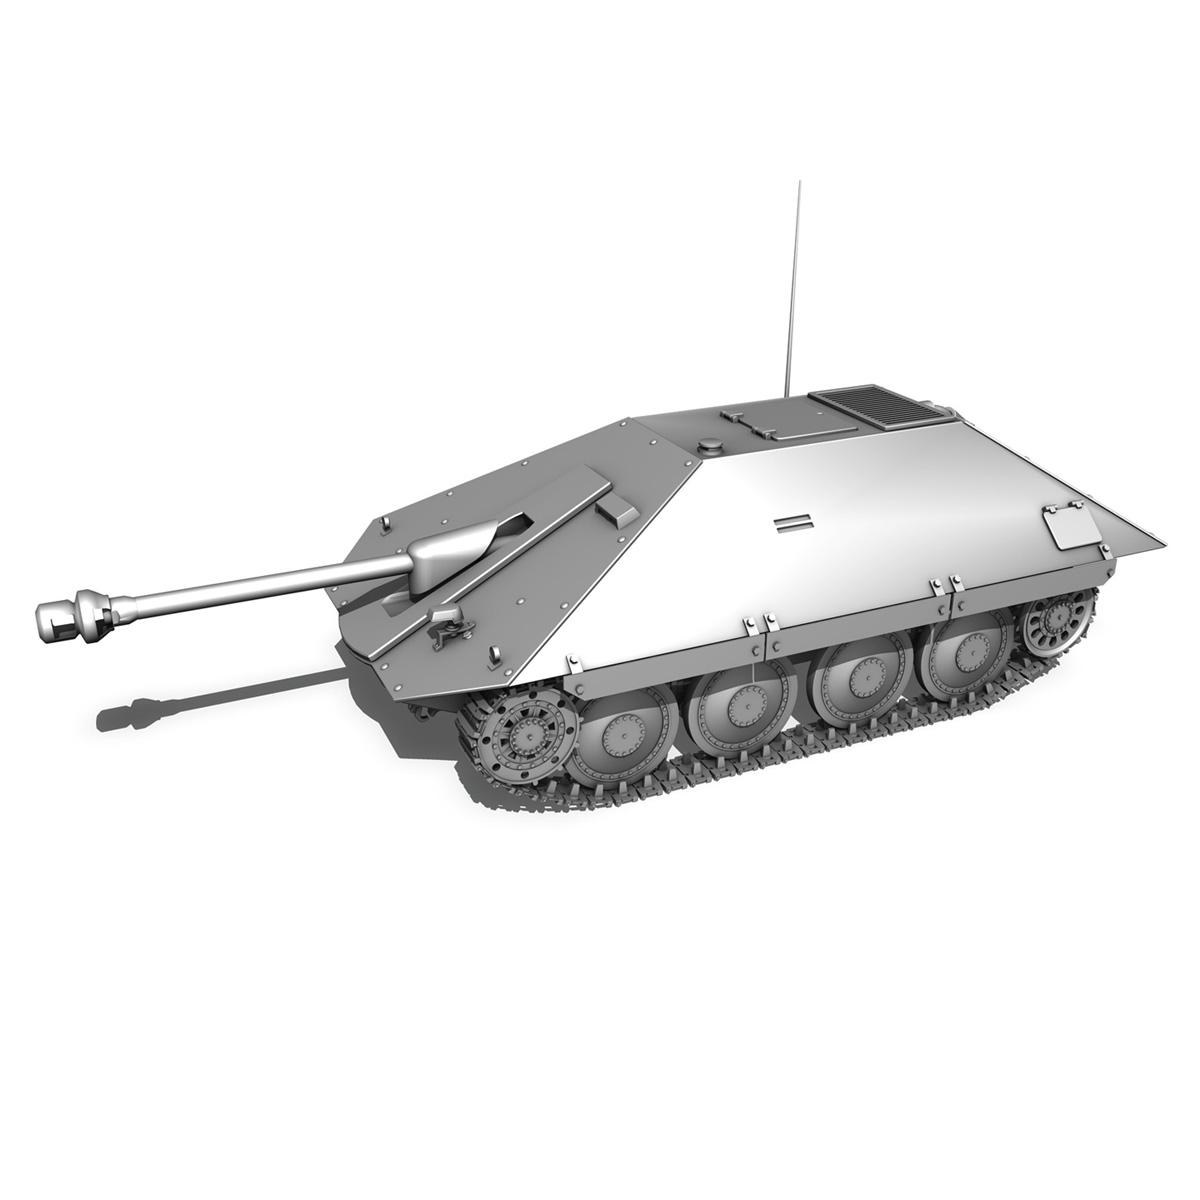 maresal m05 – romanian tank destroyer 3d model 3ds fbx c4d lwo obj 278113